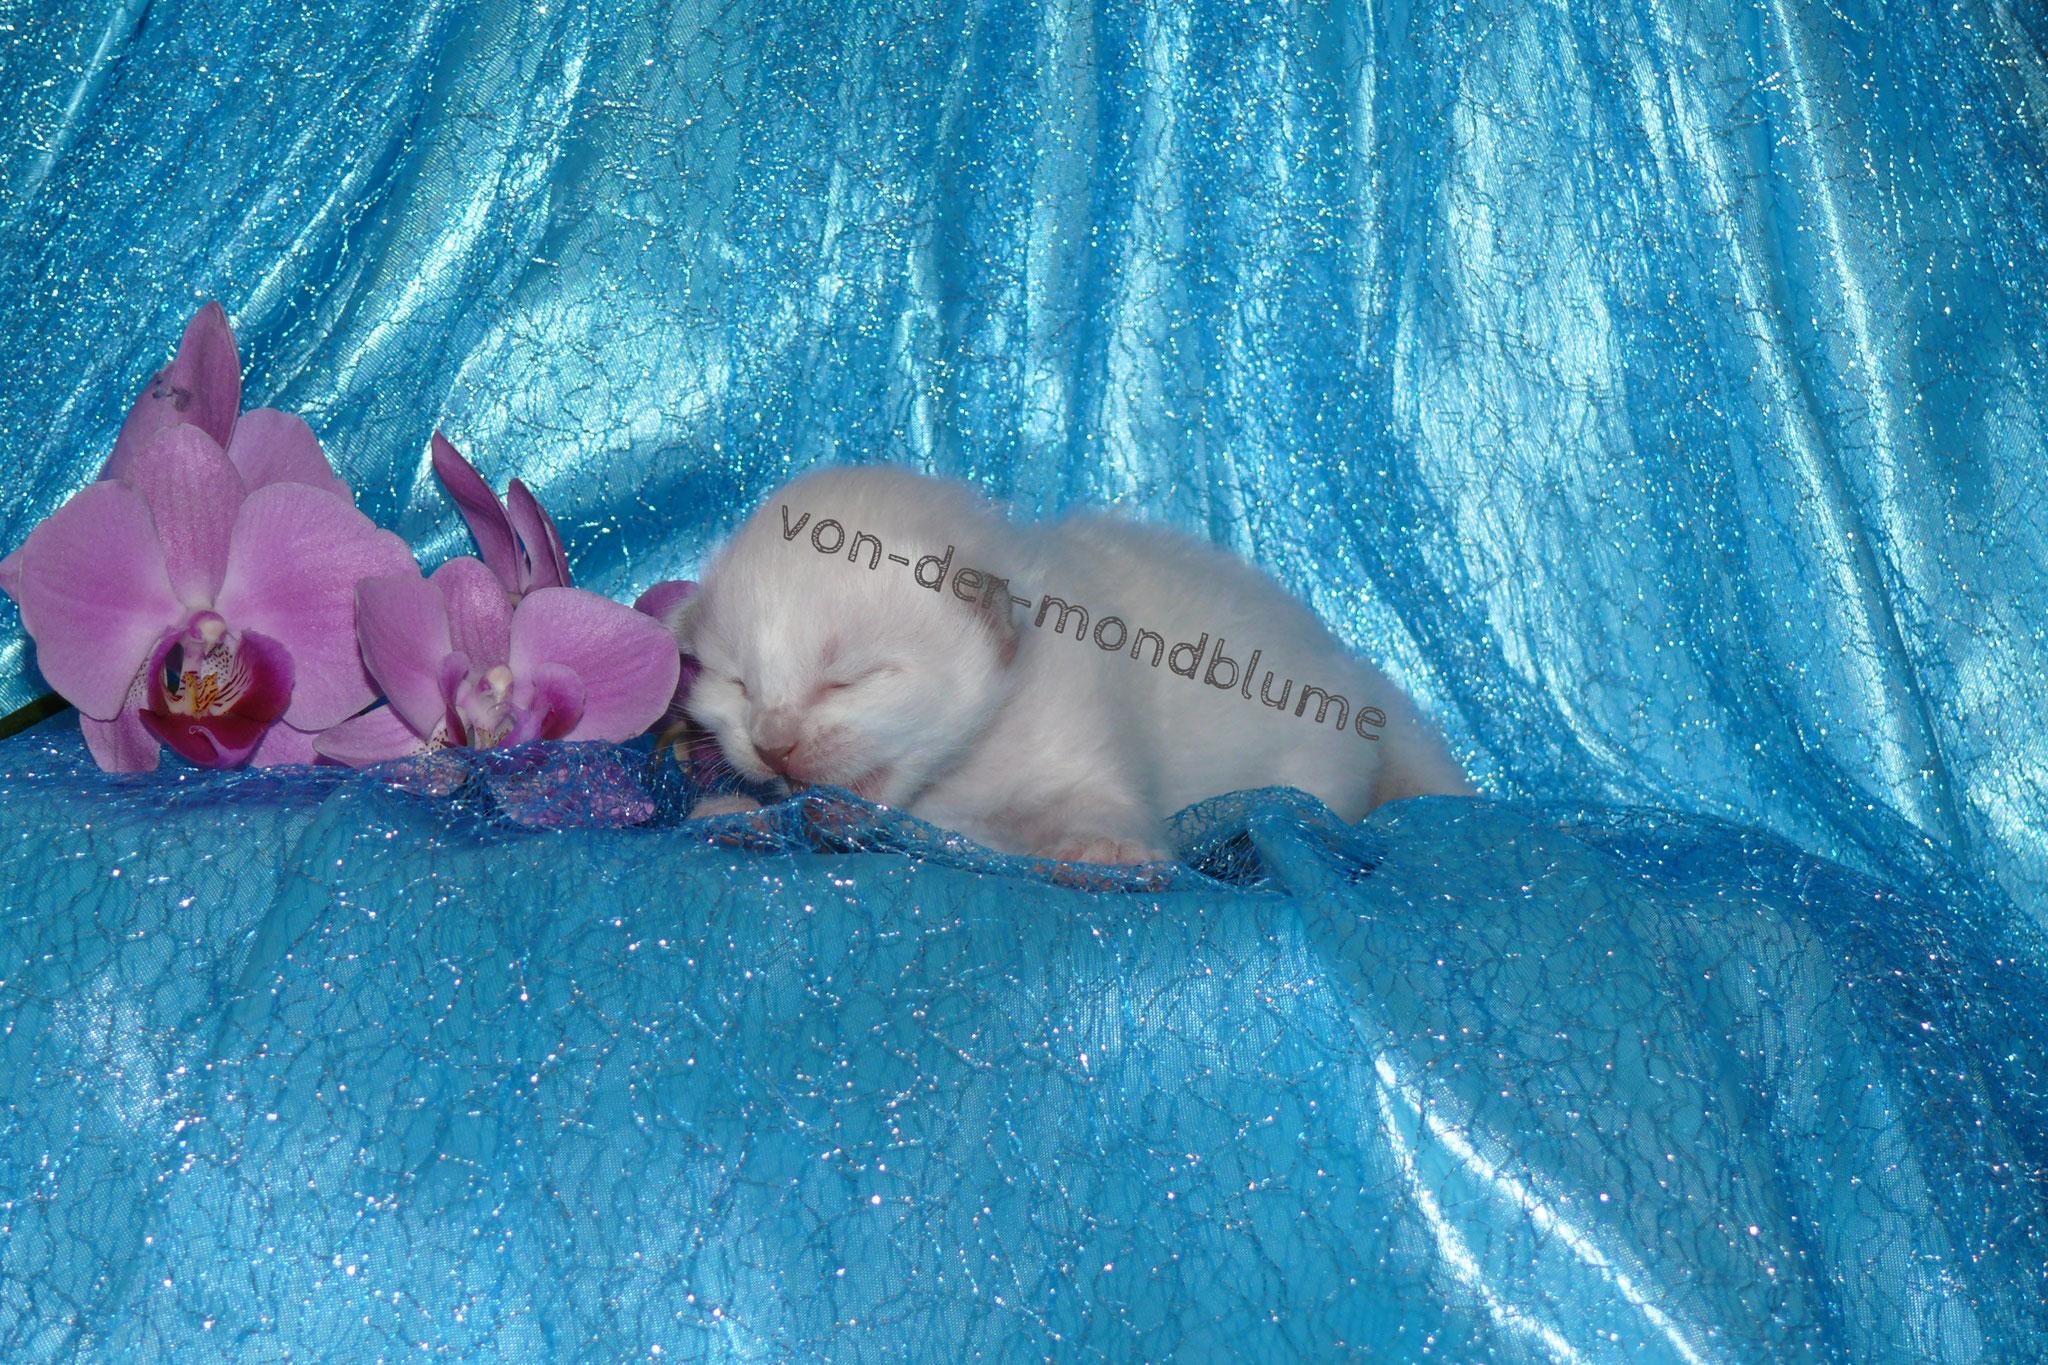 Cheyenne von der Mondblume, 8 Tage alt, 190 g